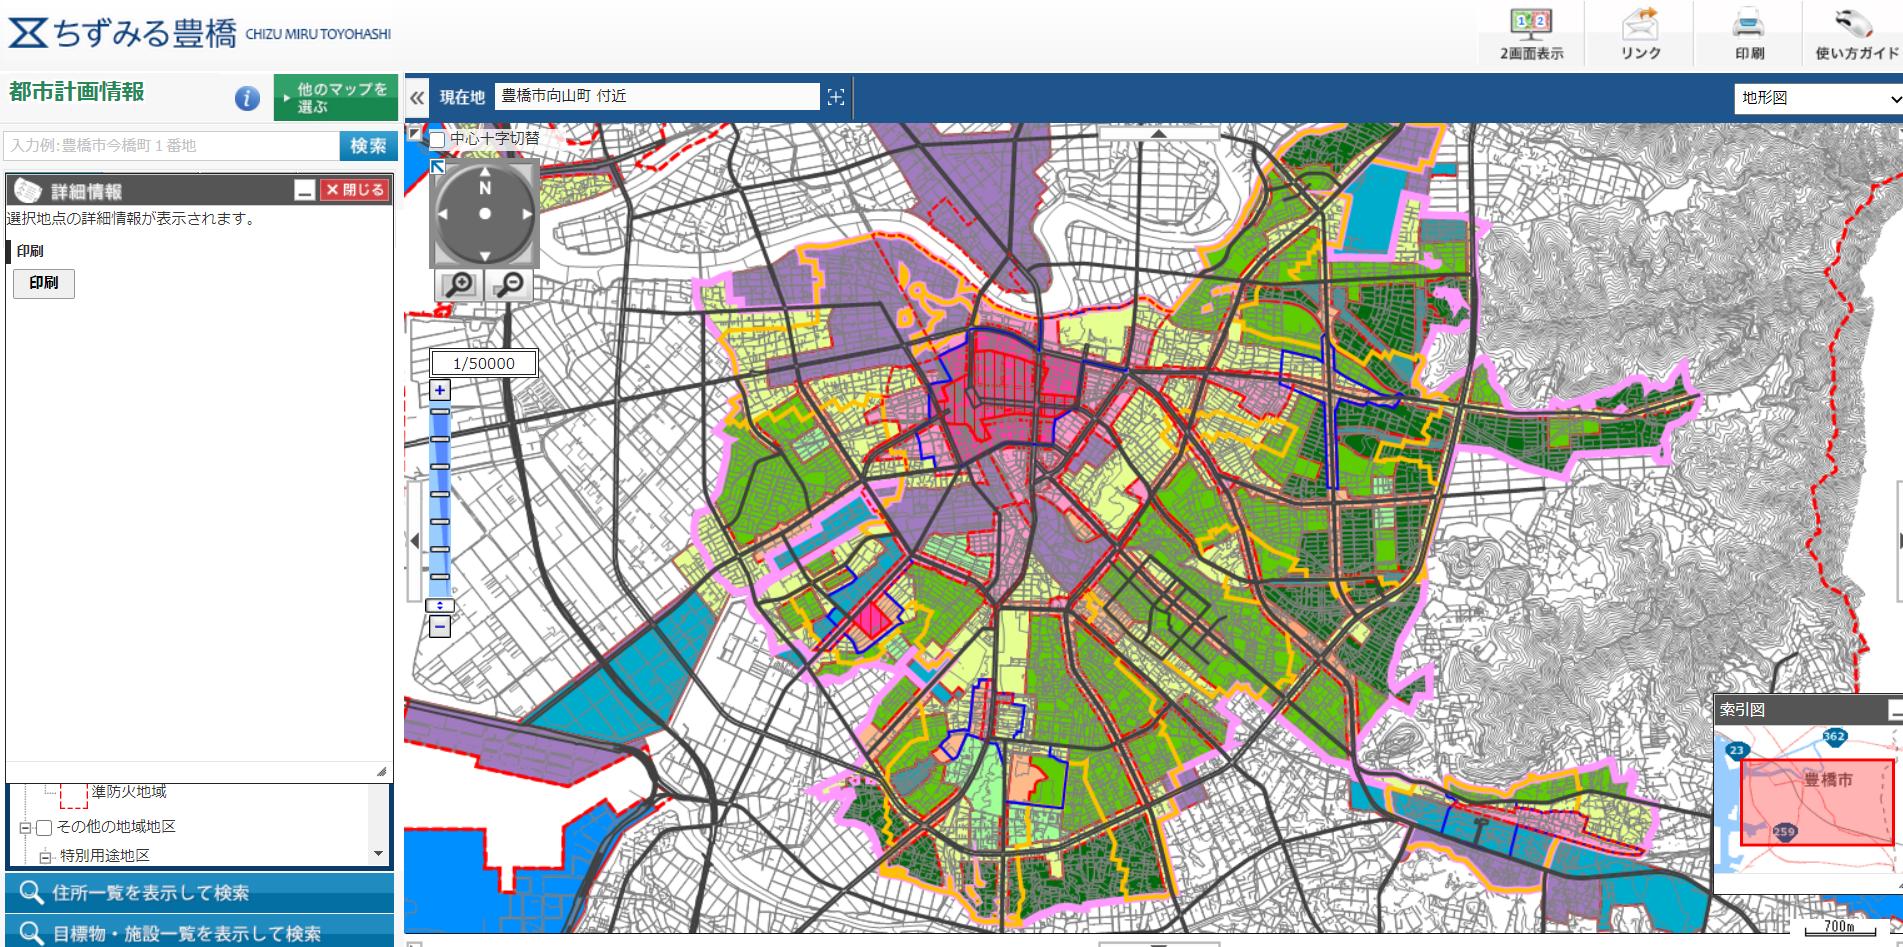 豊橋の高度指定の状況(第1種低層住宅専用地域、第2種低層住宅専用地域)